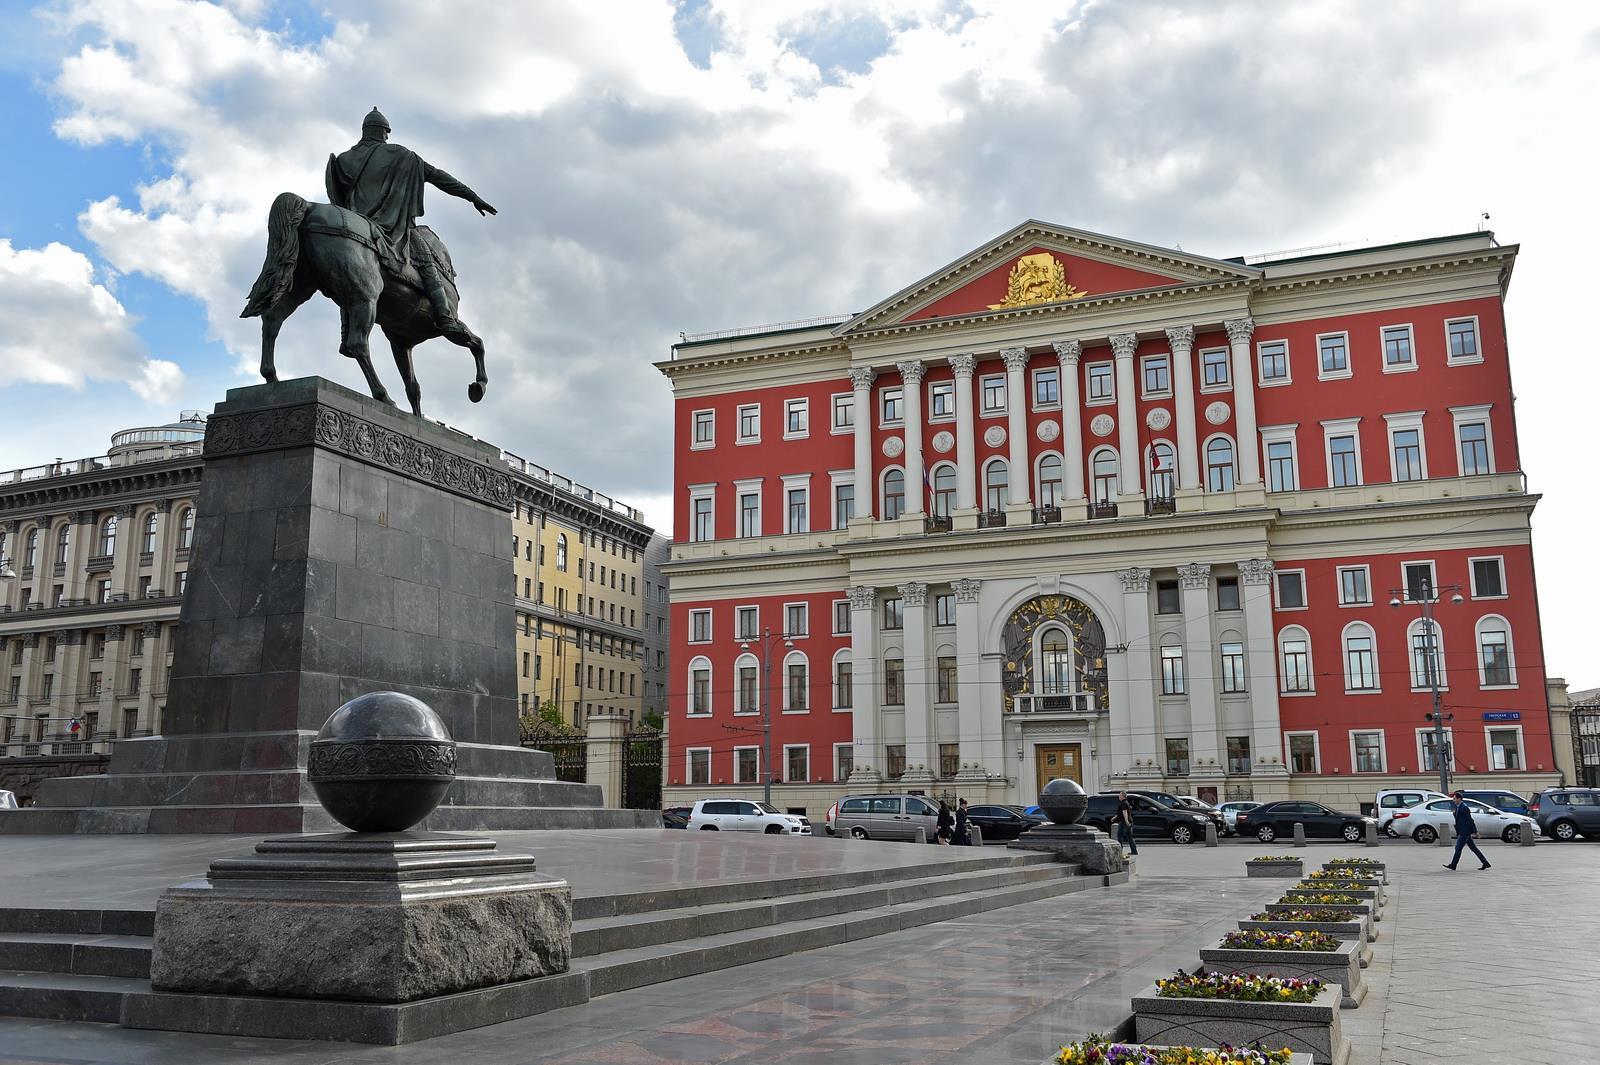 Первые предварительные результаты голосования попрограмме реновации опубликовали власти столицы